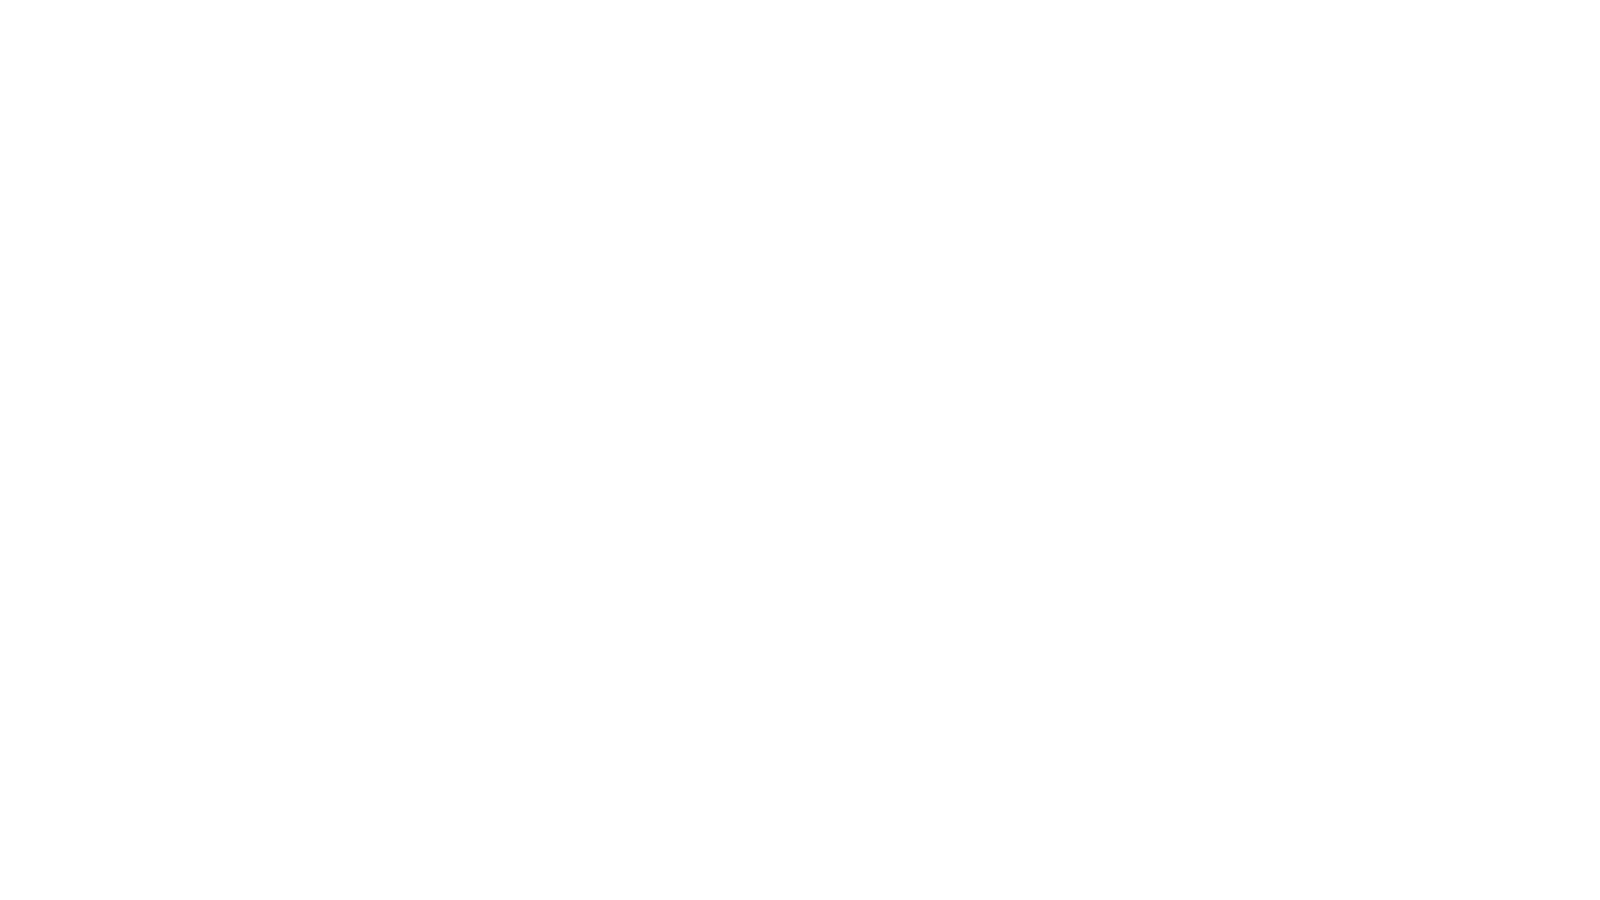 Dal 17 marzo tre nuovi seminari online (in più lezioni) dedicati a tre grandi registi. Costo di un seminario: € 50. Tre seminari: €125. INFO: https://www.pigrecoemme.com/corsi/seminari-critica-cinematografica.htm